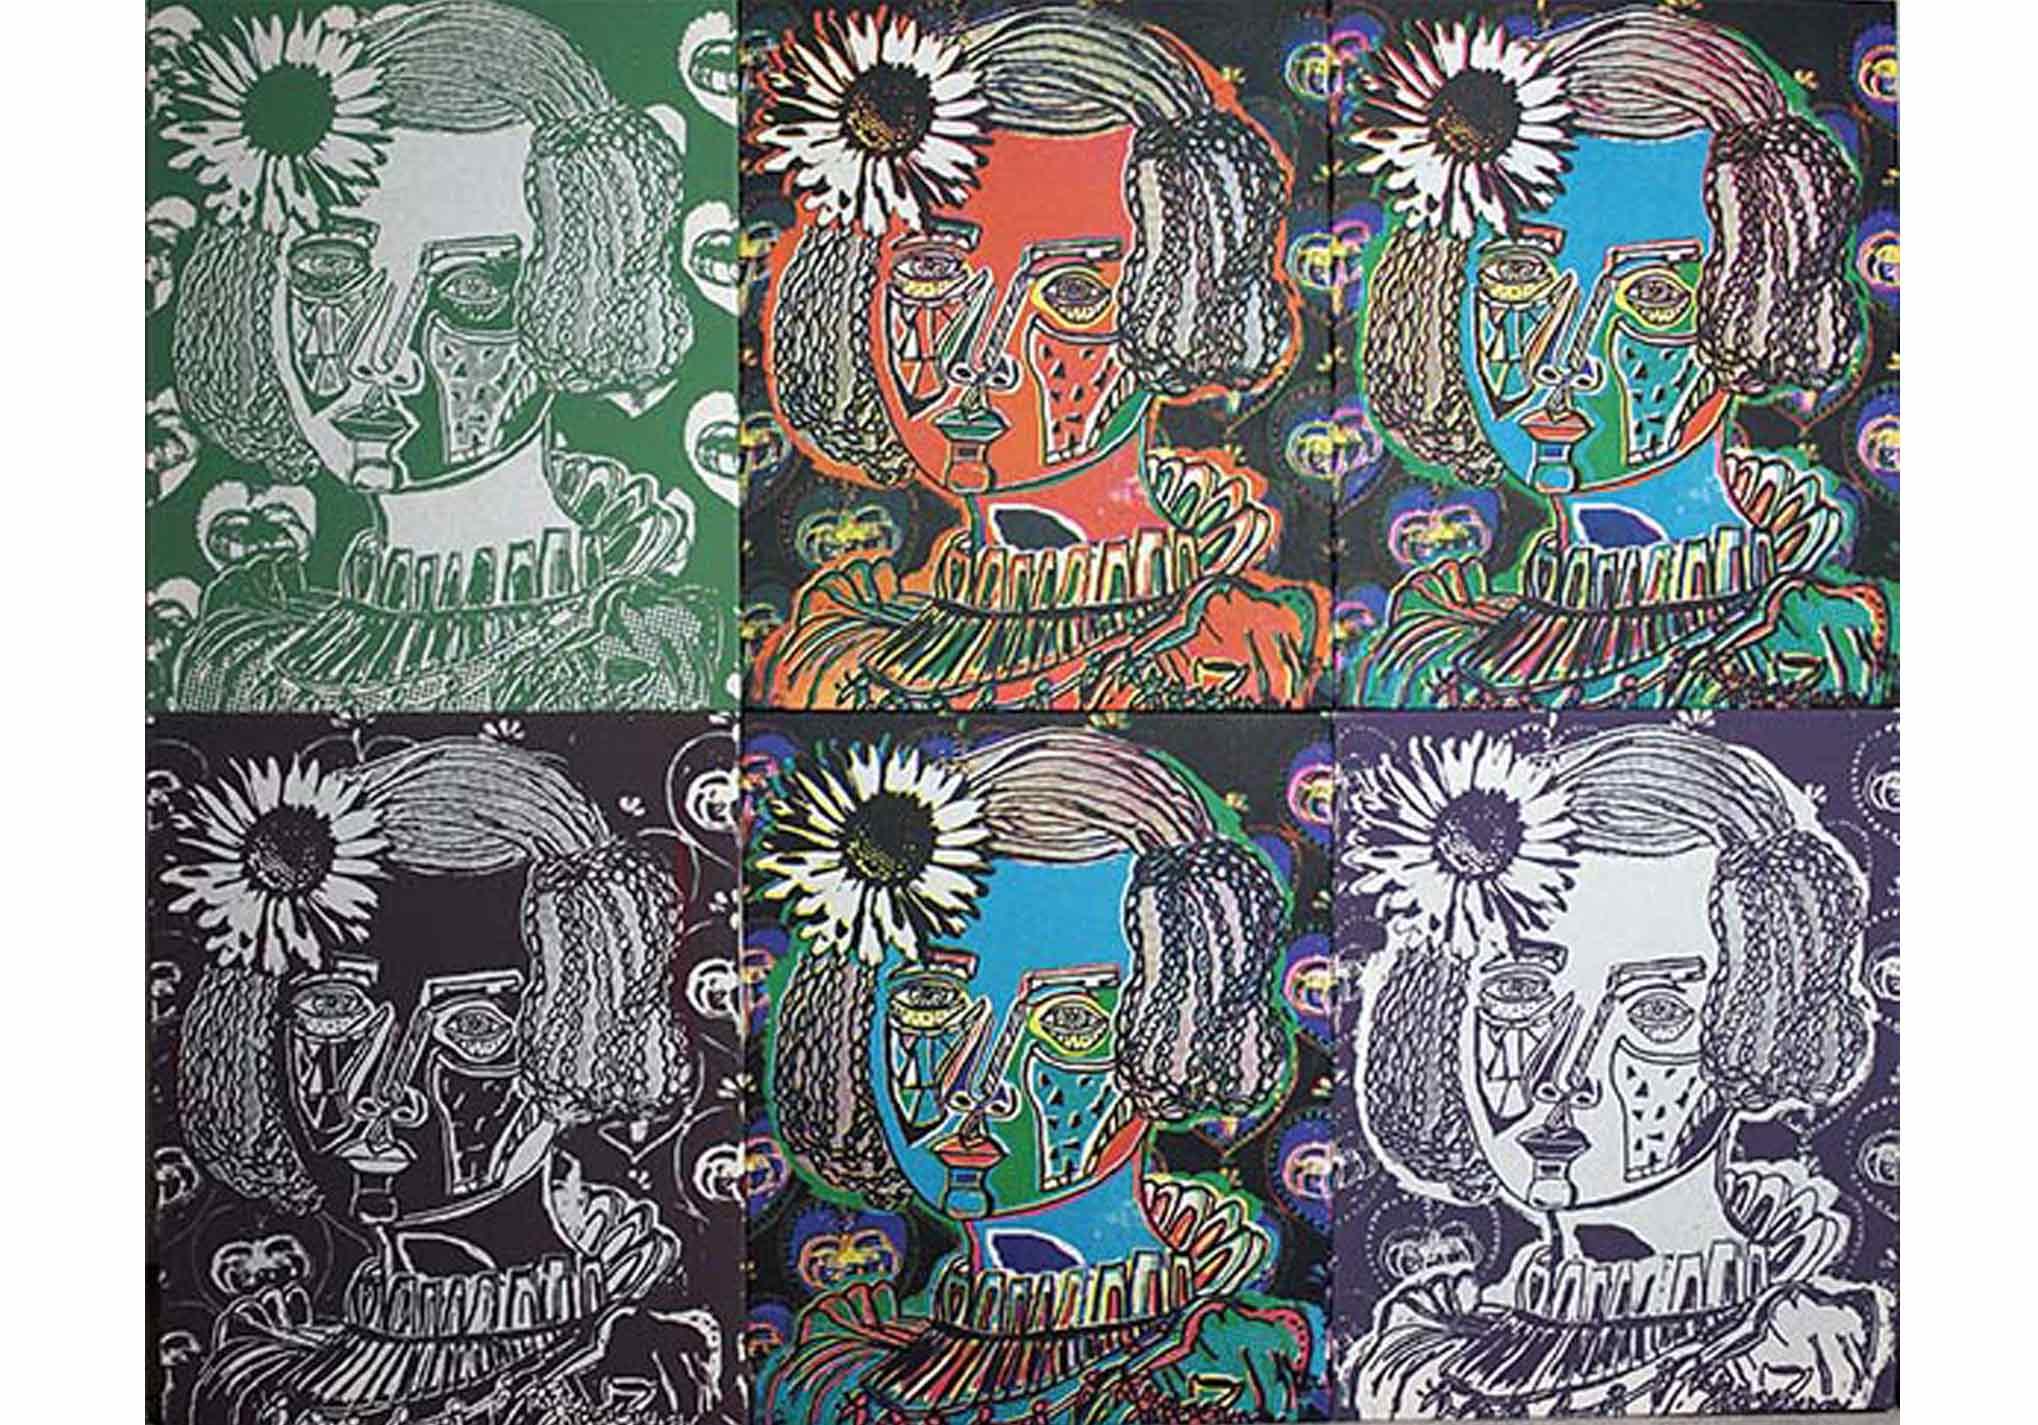 Ann-Kristin-Fleischhauer-Blume-am-Kopf-2-Mt-Galerie